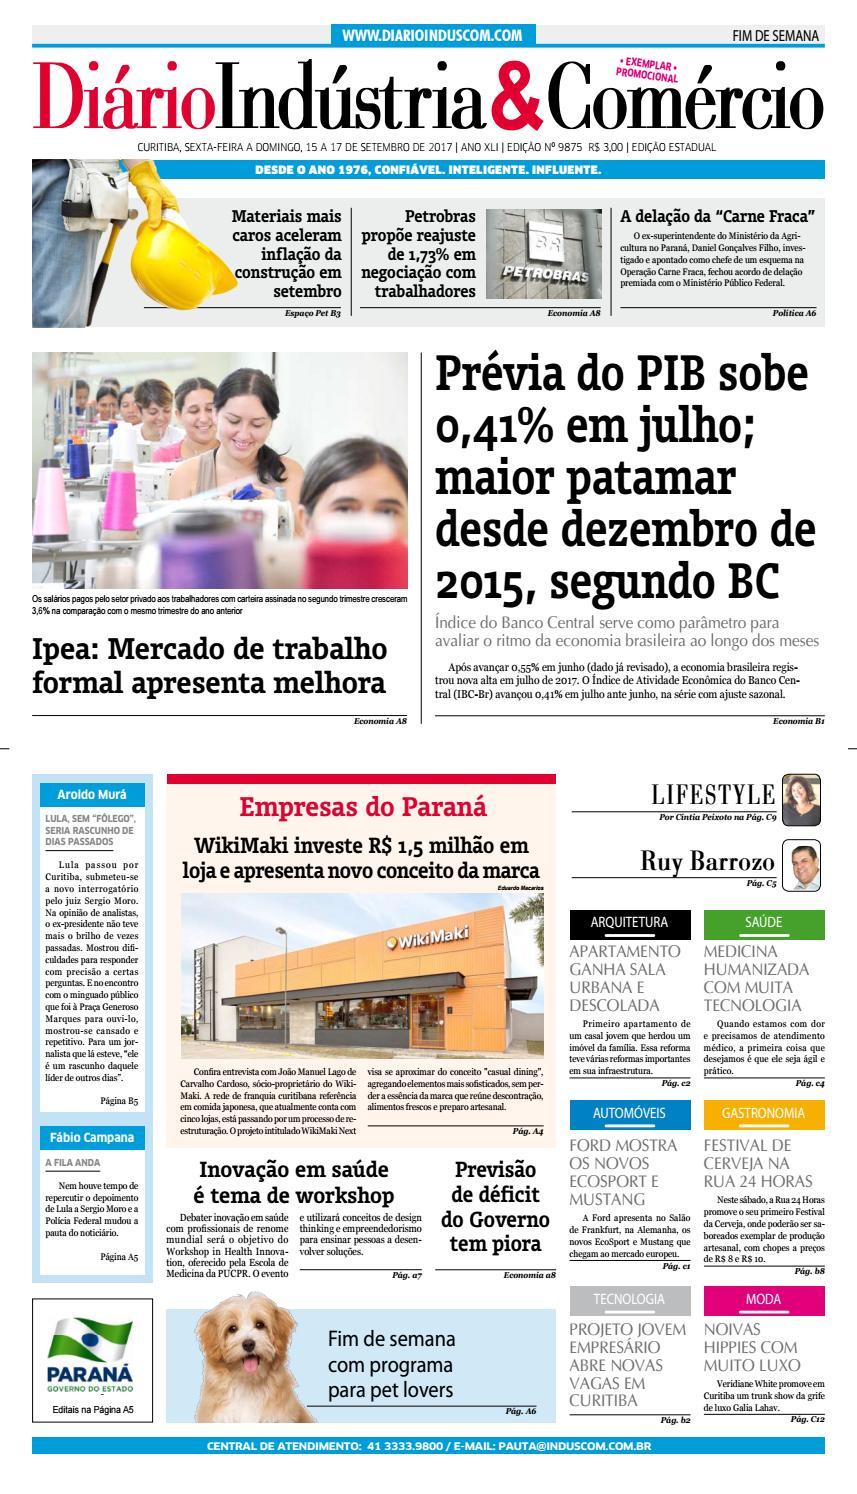 Diário Indústria Comércio - 15 de setembro de 2017 by Diário Indústria    Comércio - issuu 21d6df9bb5